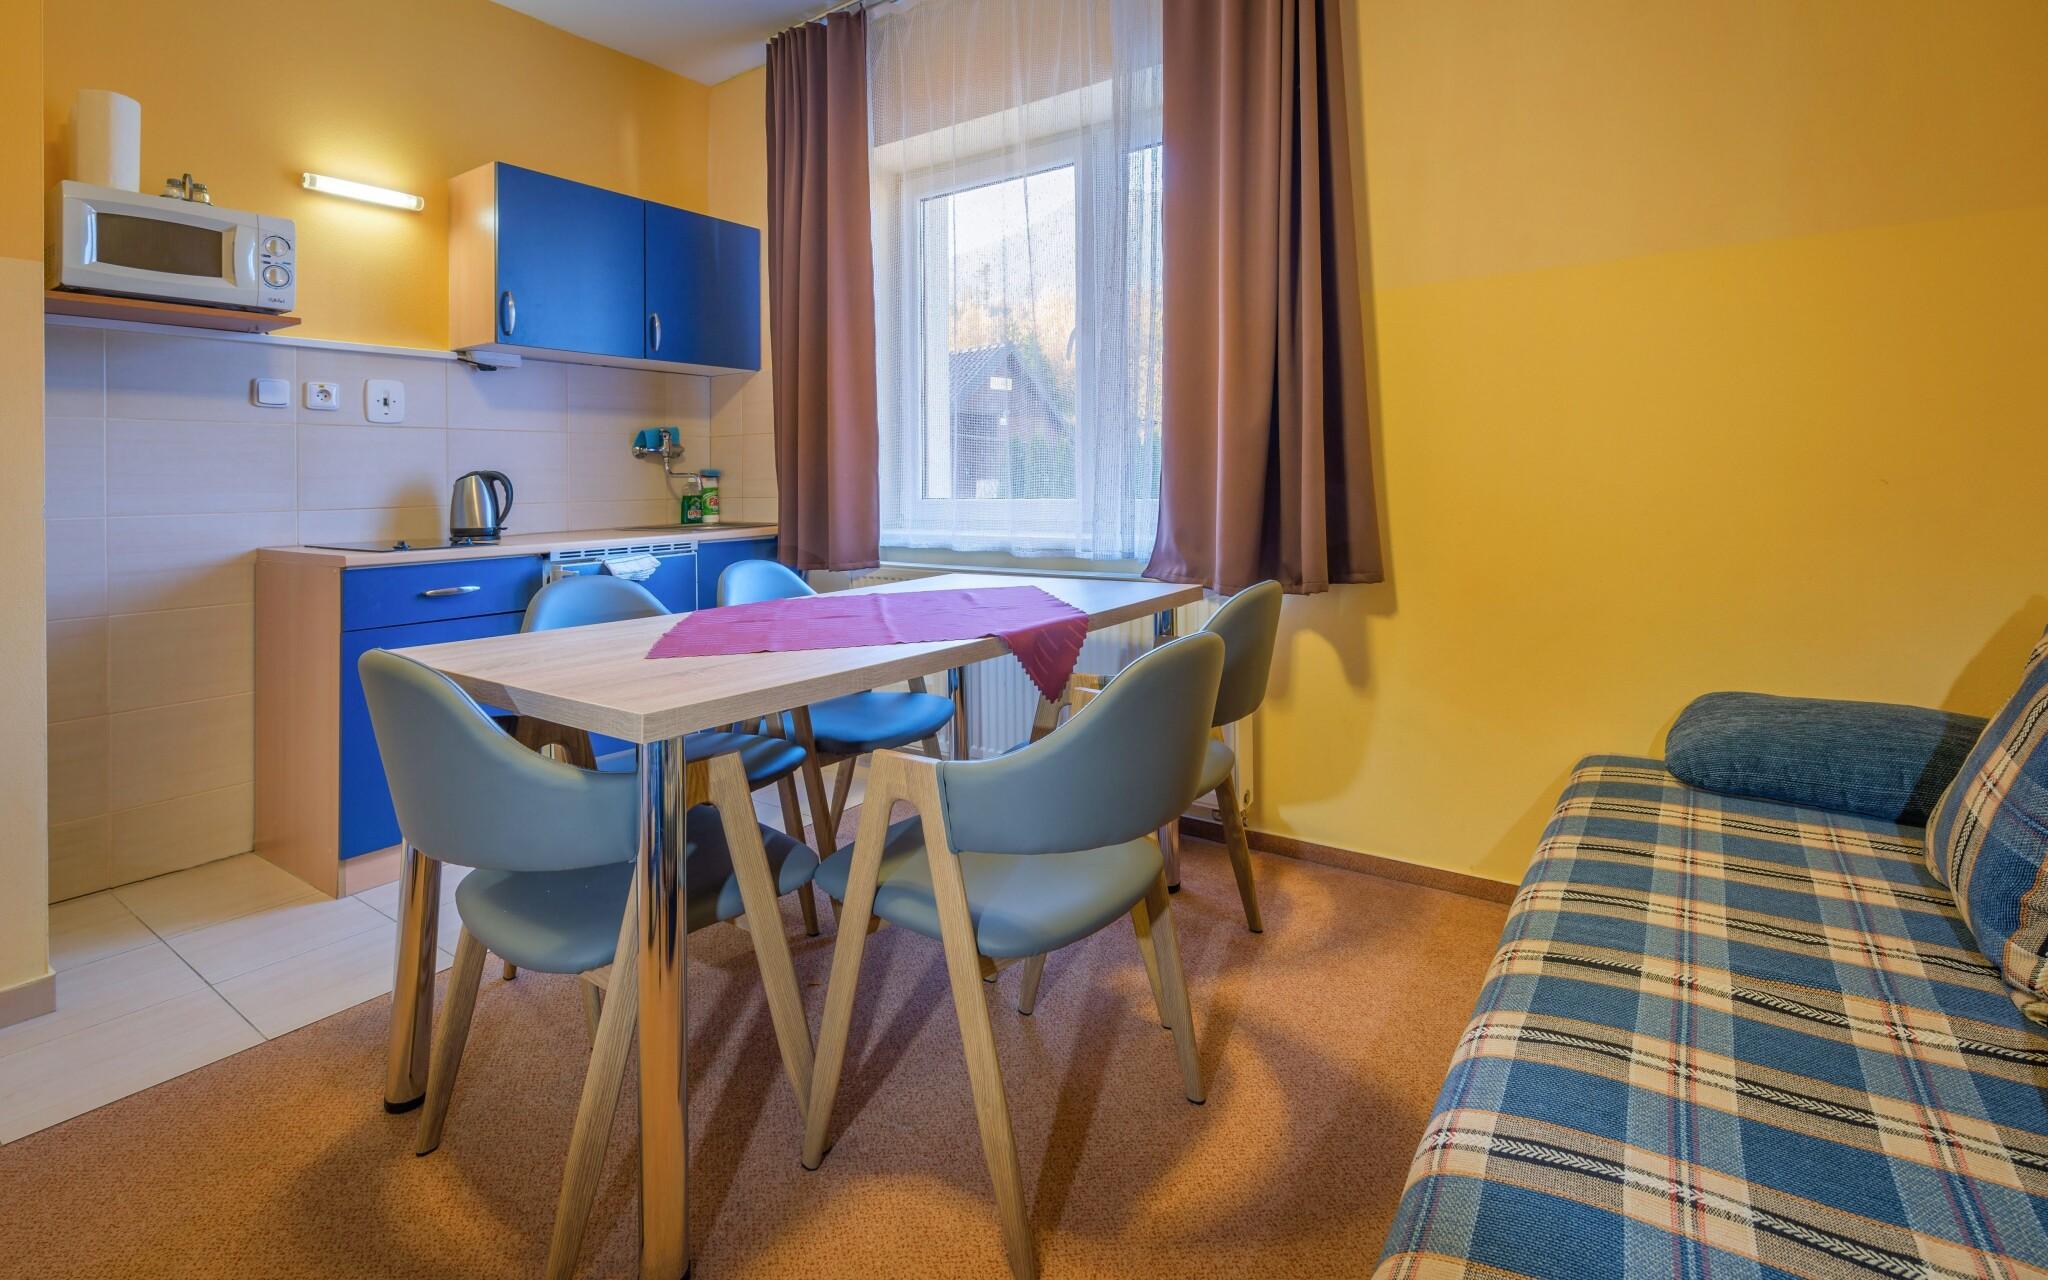 Apartmán s výhledem na hory - až pro 5 osob, kuchyňka